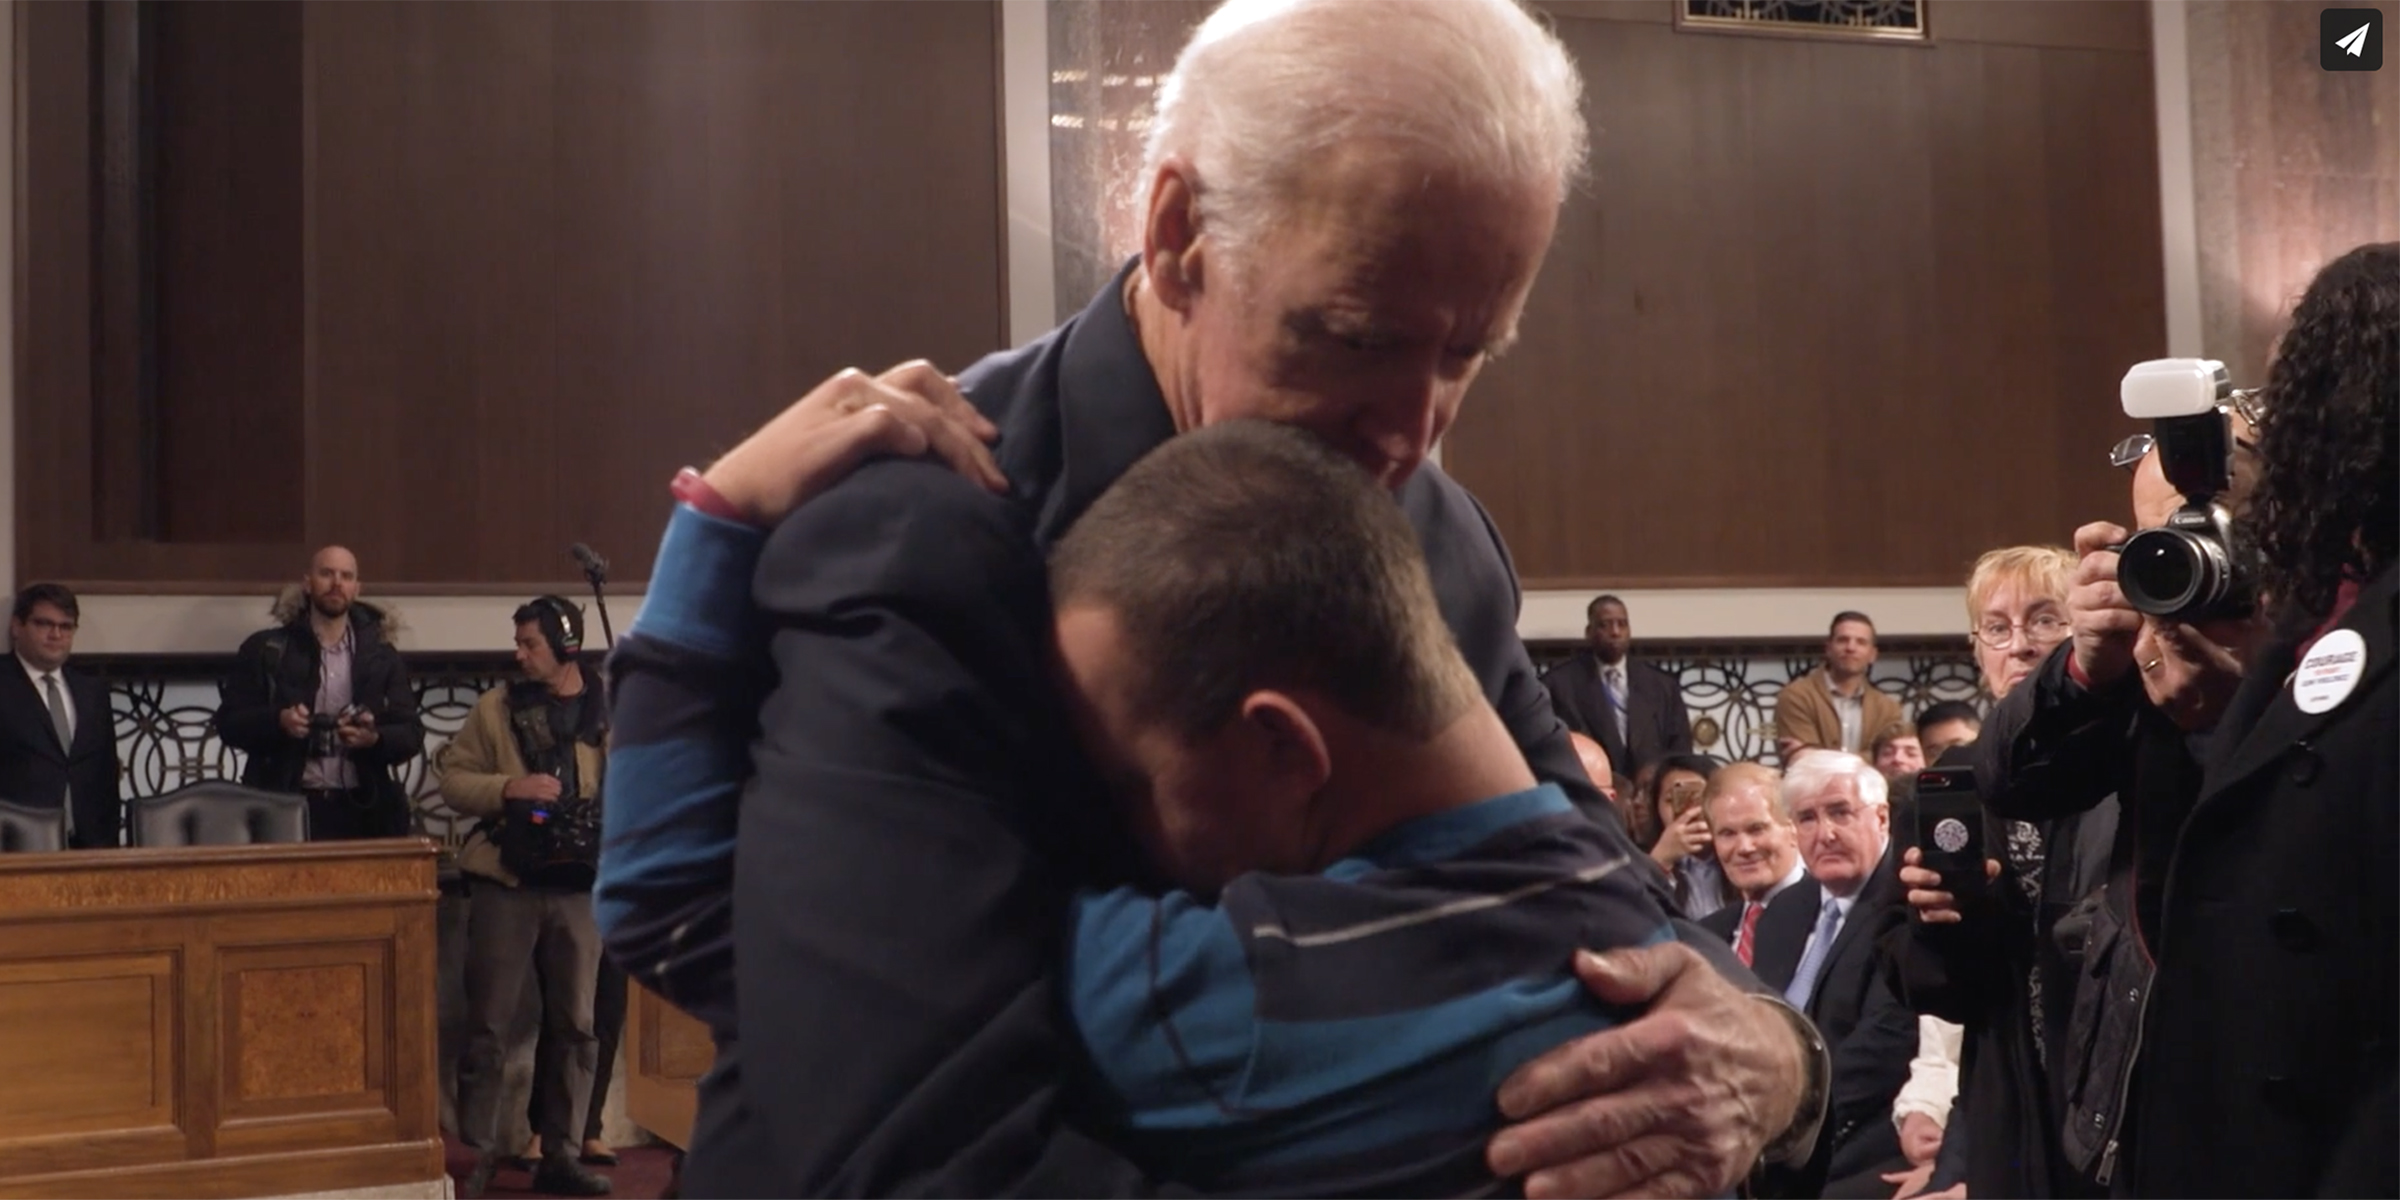 Video of Joe Biden hugging son of Parkland victim goes viral